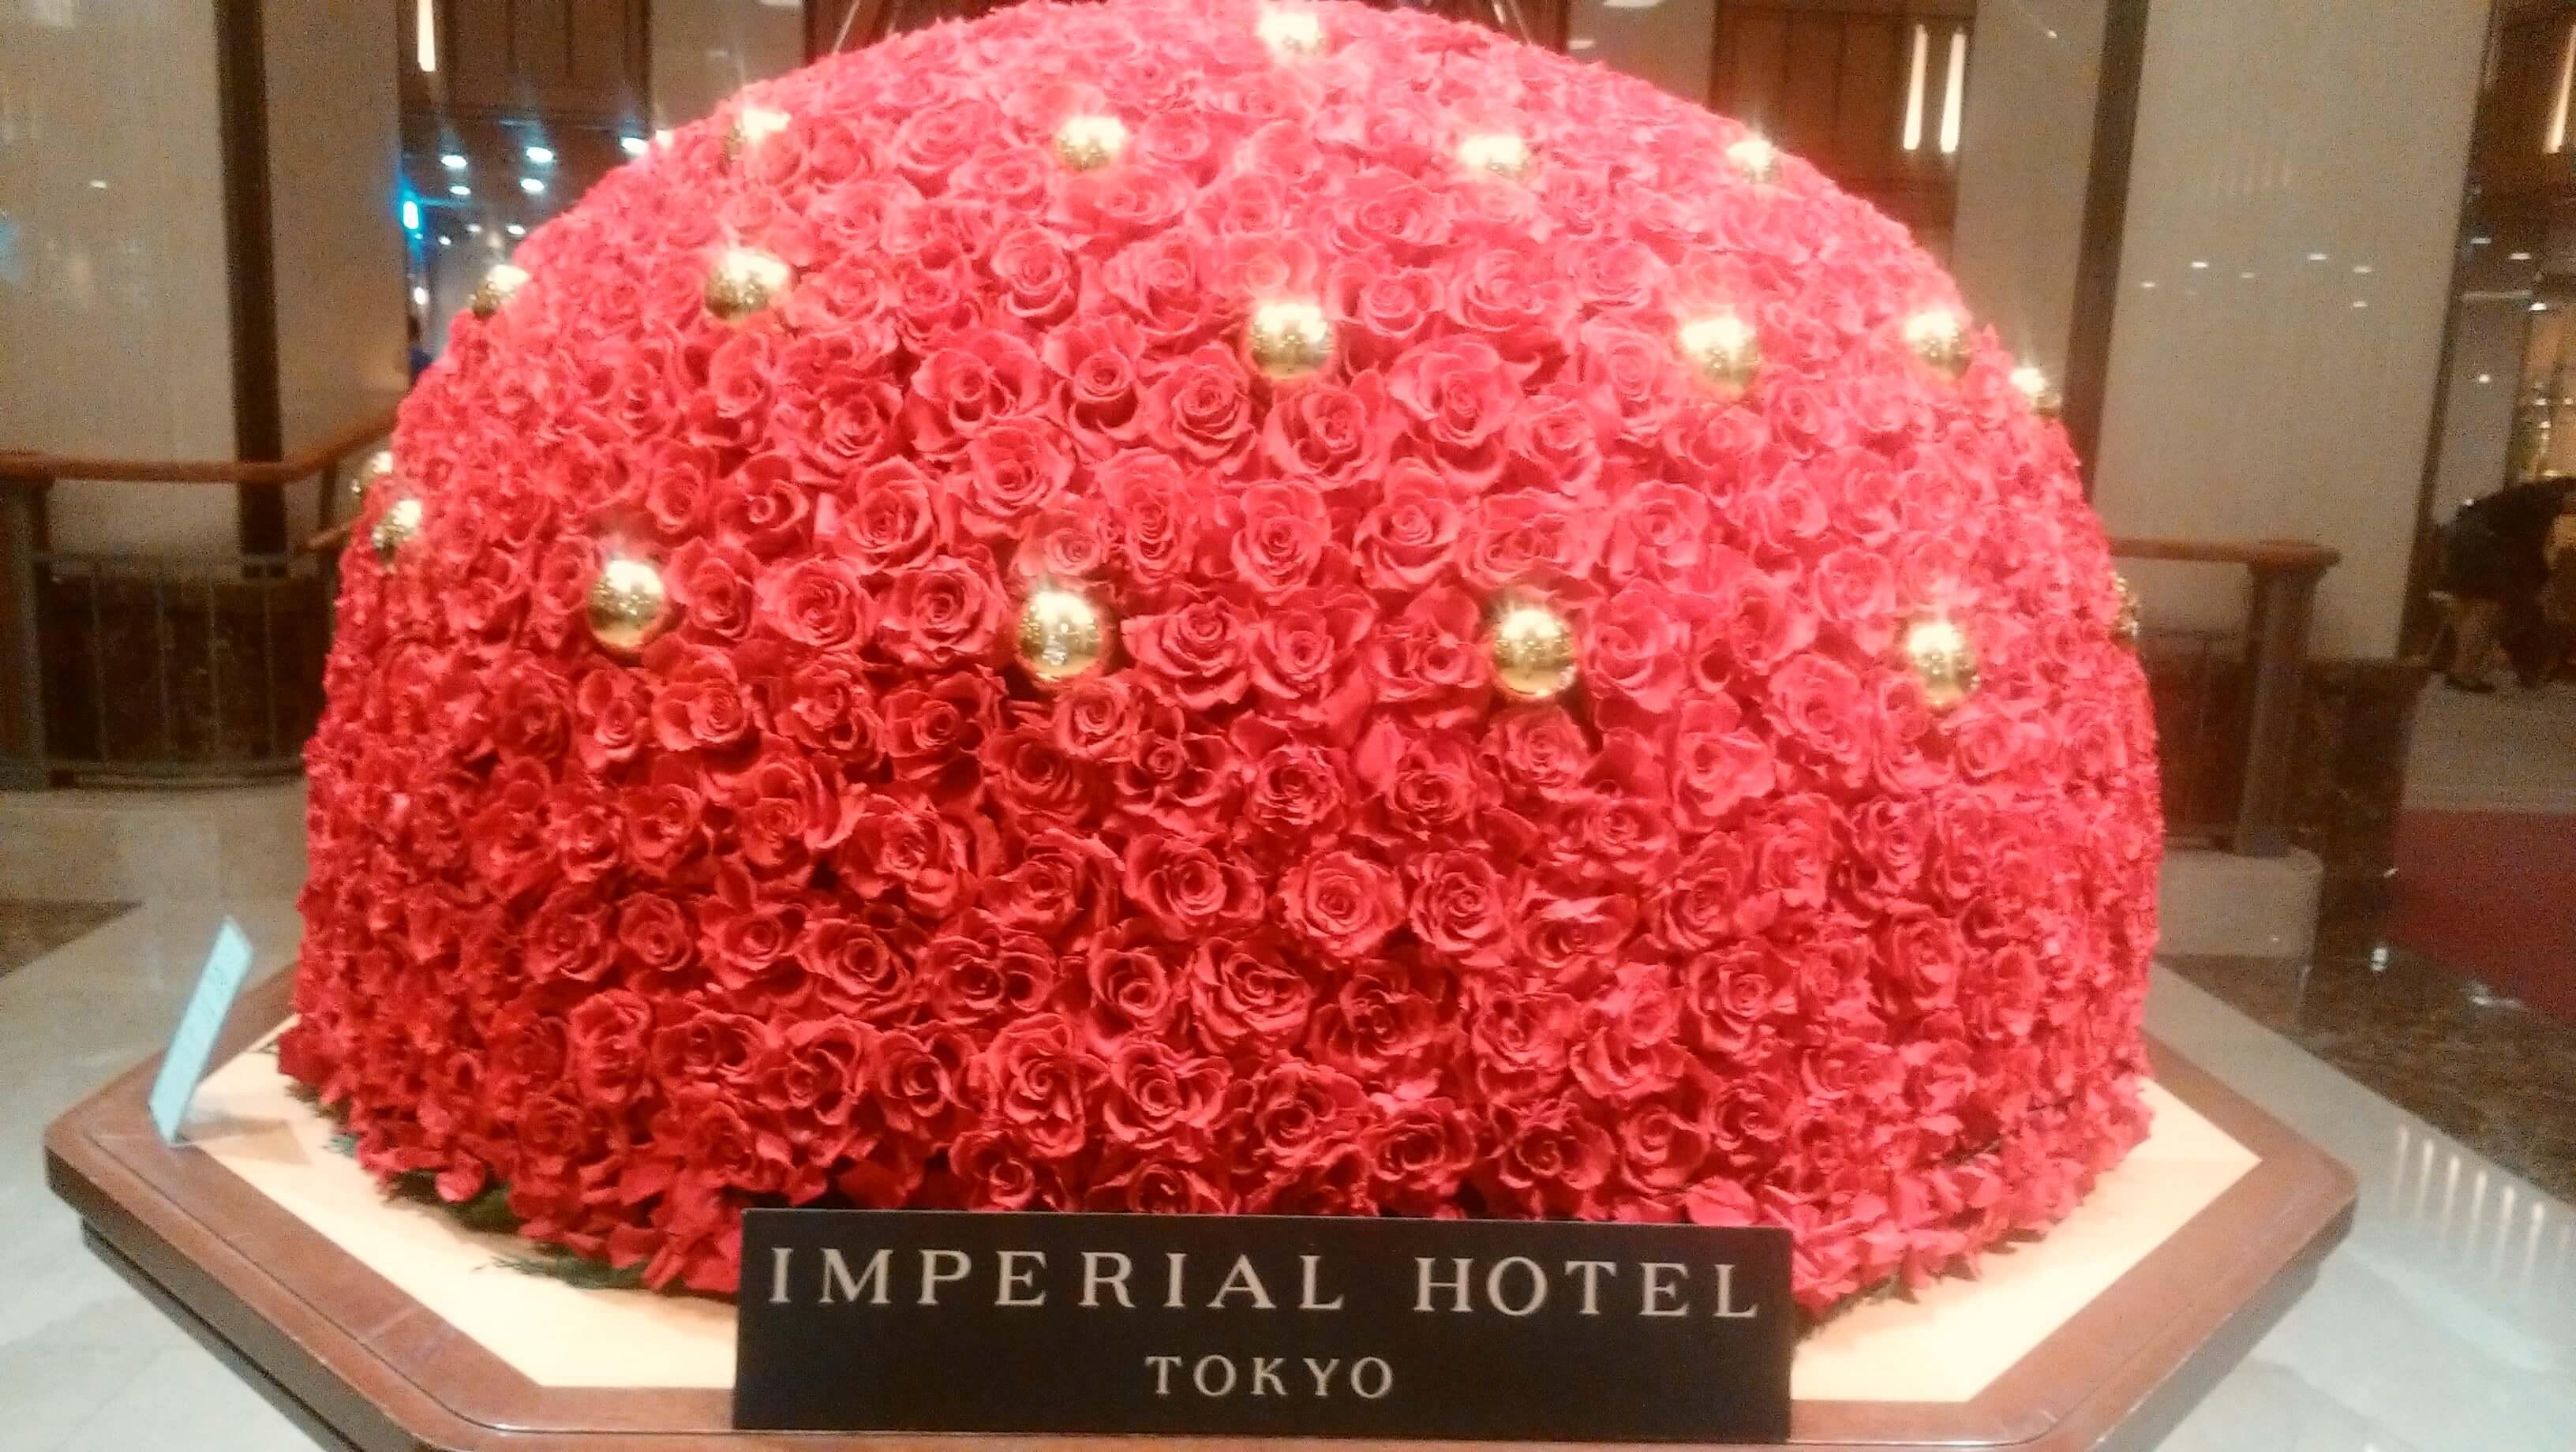 特別な記念日♪帝国ホテルでクリスマス限定アフタヌーンティー_1_1-1